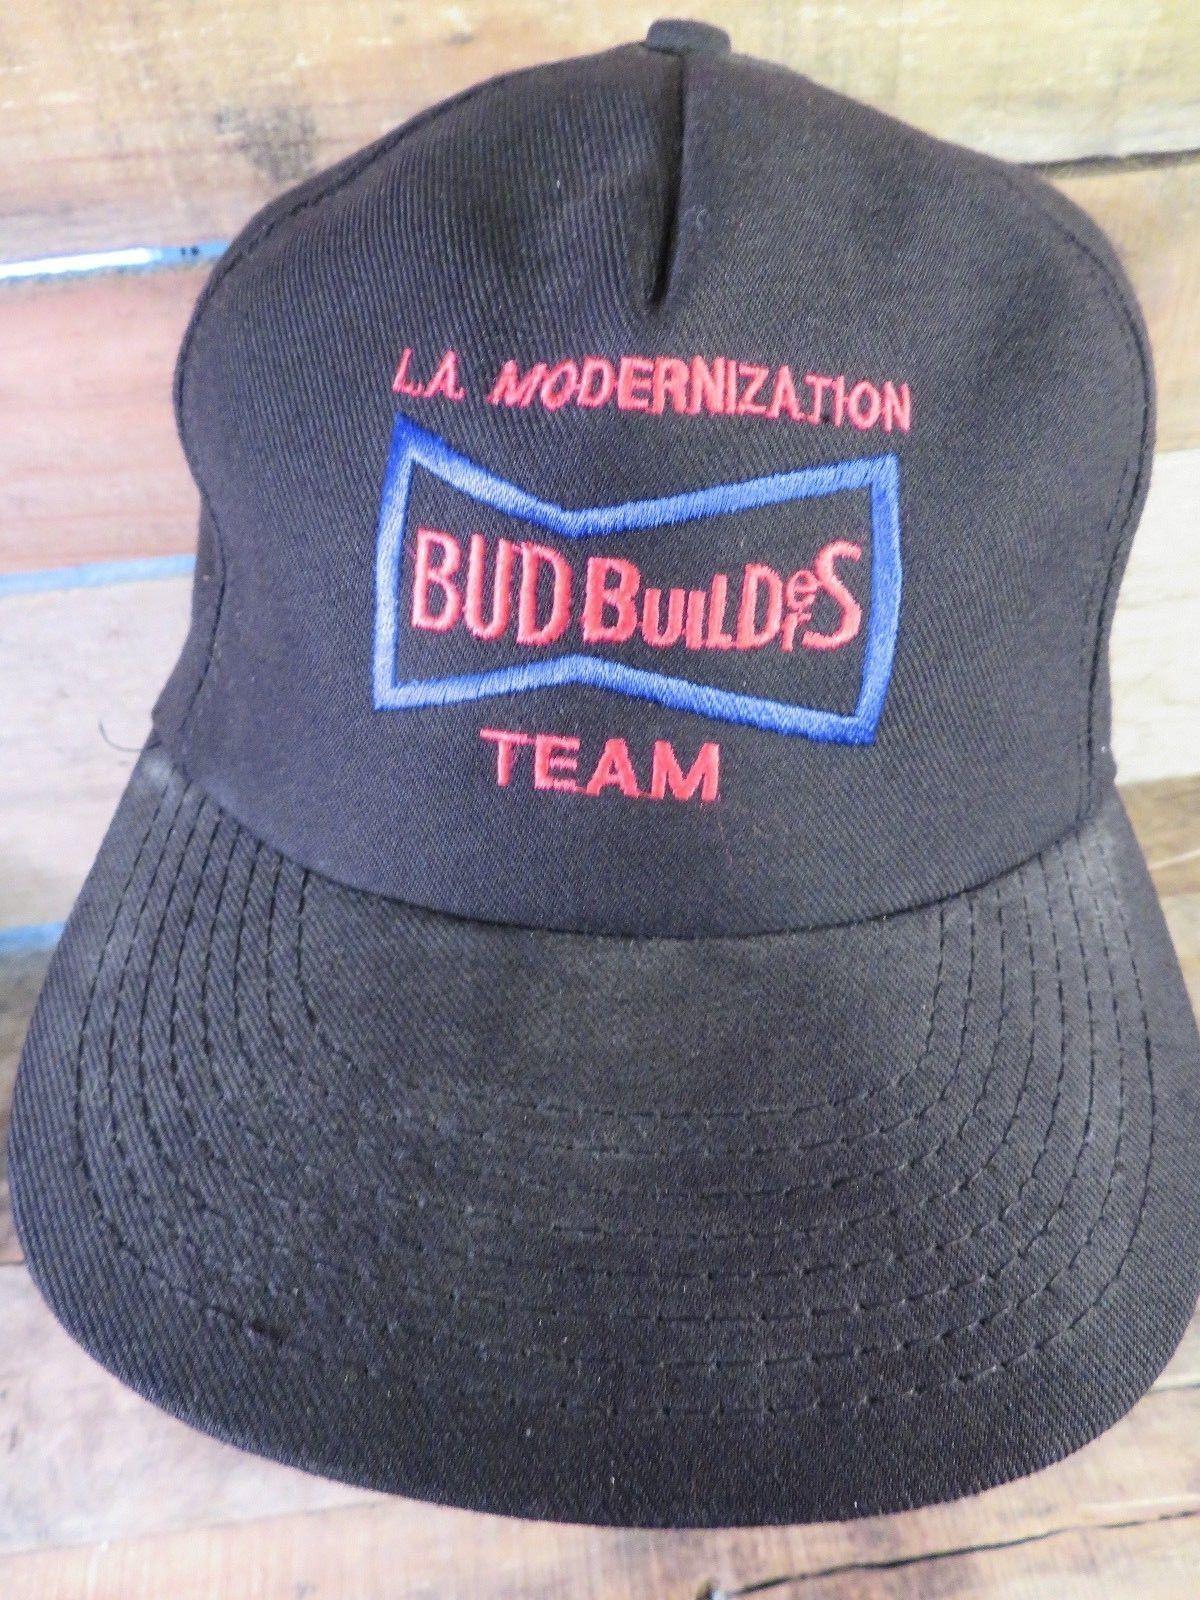 L.A. Modernization BUD BUILDERS Team Safe Adjustable Snapback Adult Hat Cap - $19.79